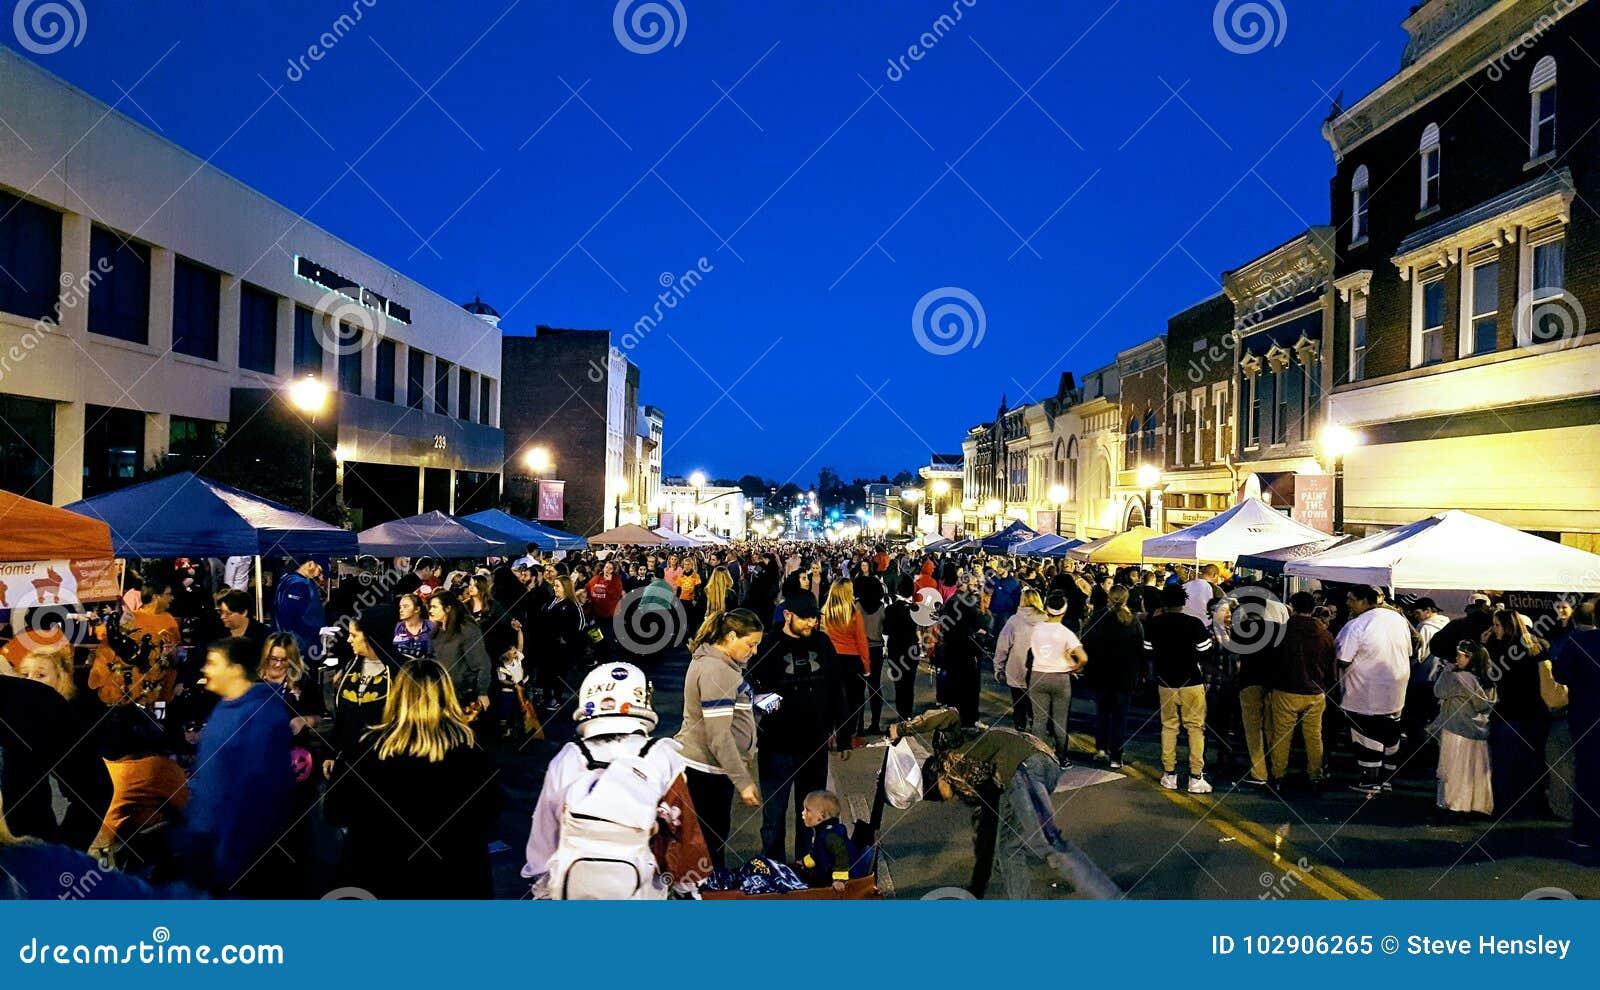 Richmond, KY LOS E.E.U.U. - una muchedumbre recolecta alrededor del vendor& x27; tiendas de s durante el Hoedown anual de Hallowe